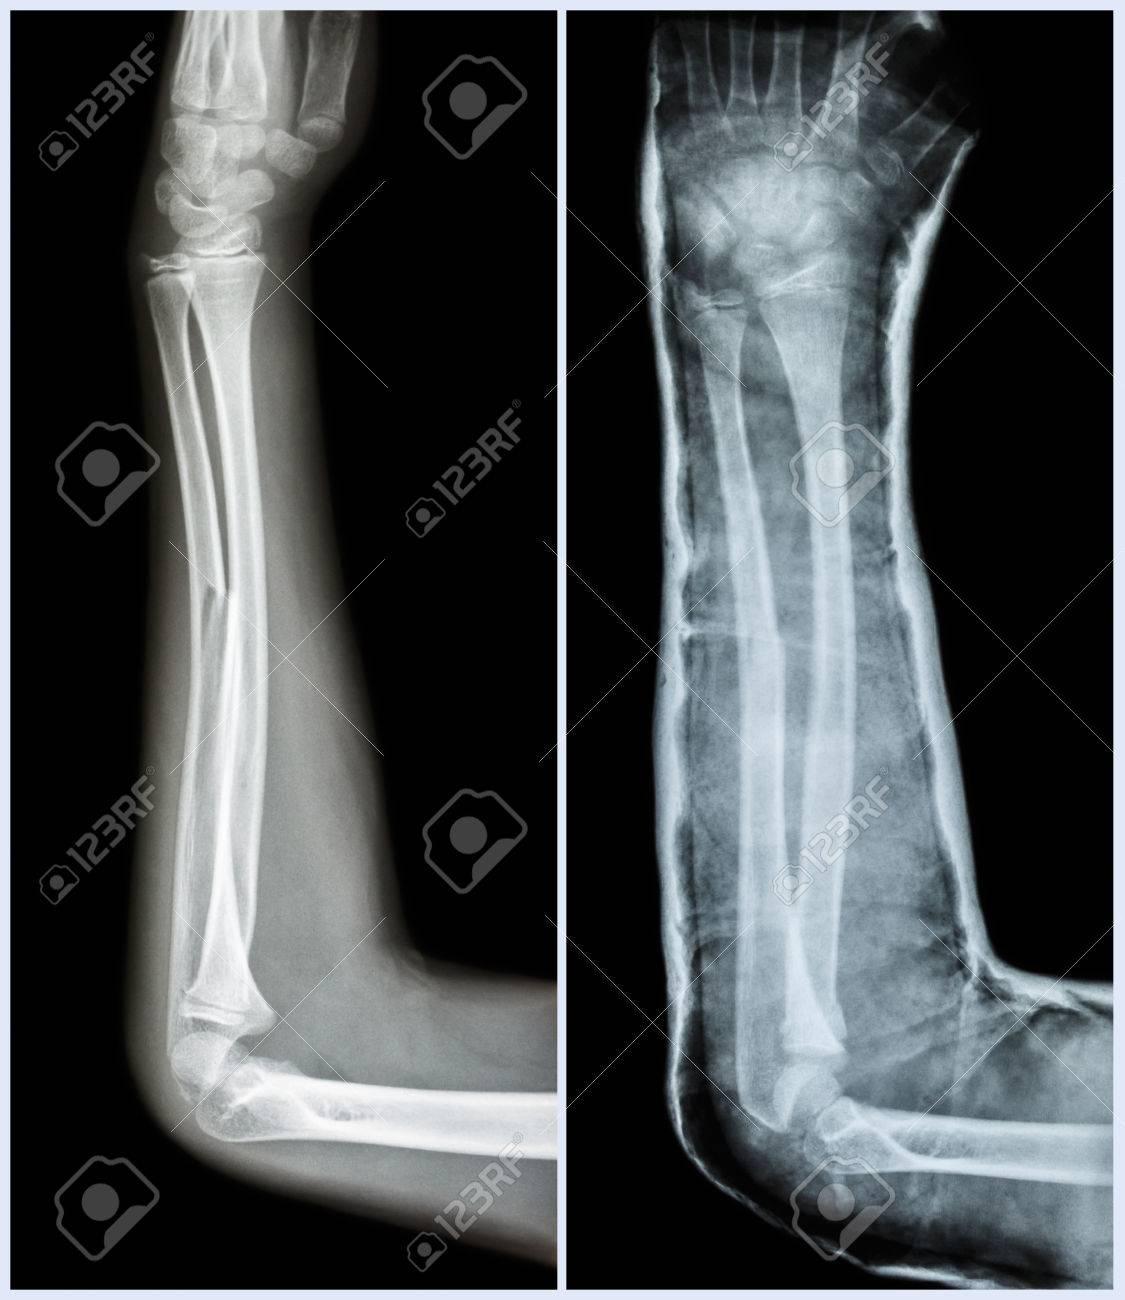 Eje De La Fractura De Cúbito ósea (hueso Del Antebrazo): (Izquierda ...